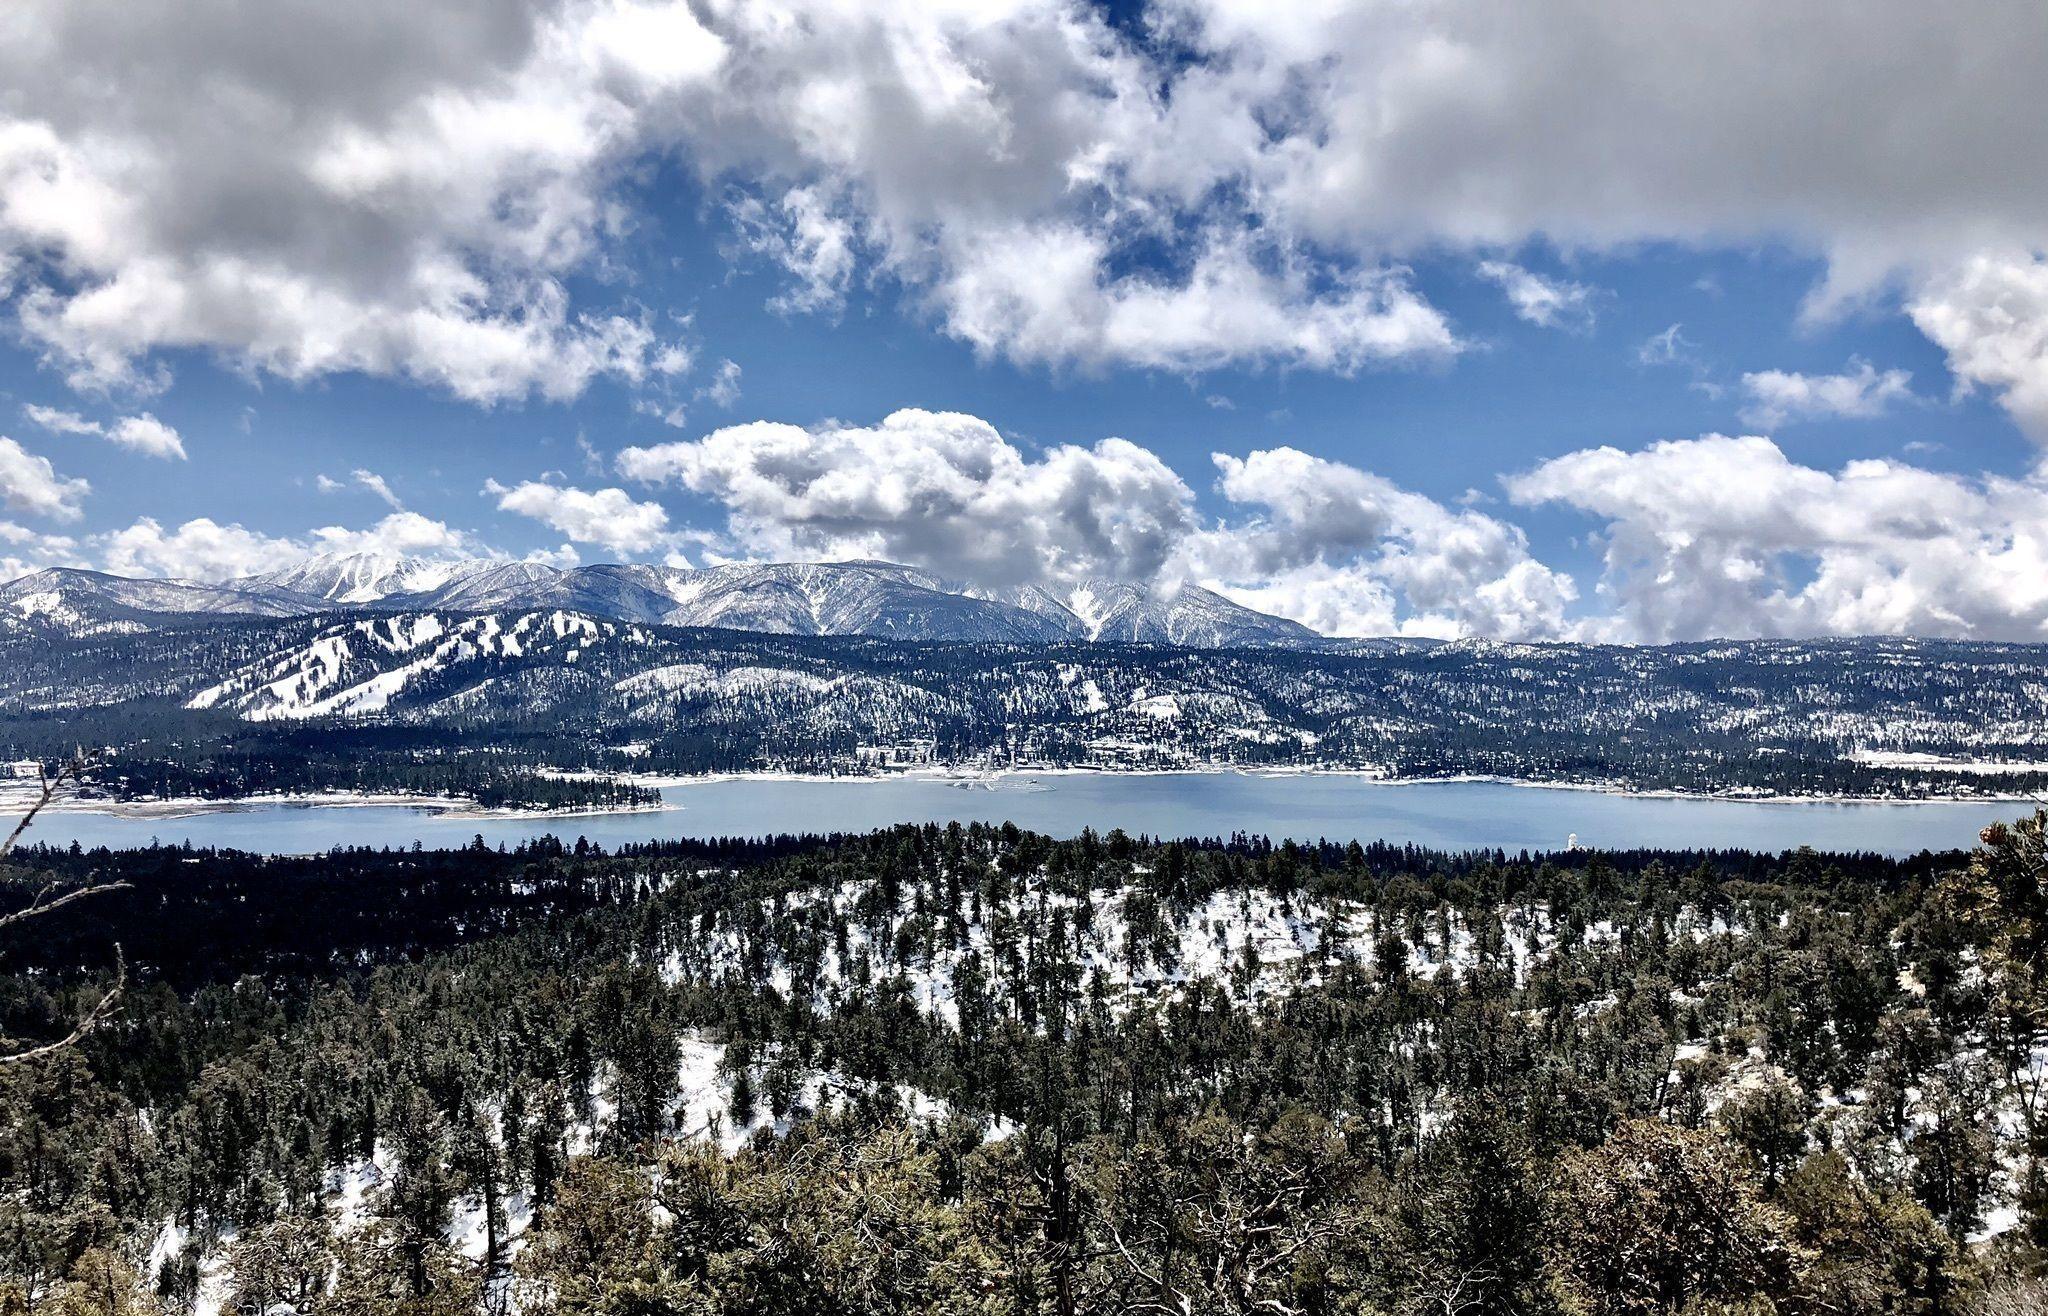 SoCal Vacations Real Estate Property Management Vacation Rental Company Big Bear Lake Southern California